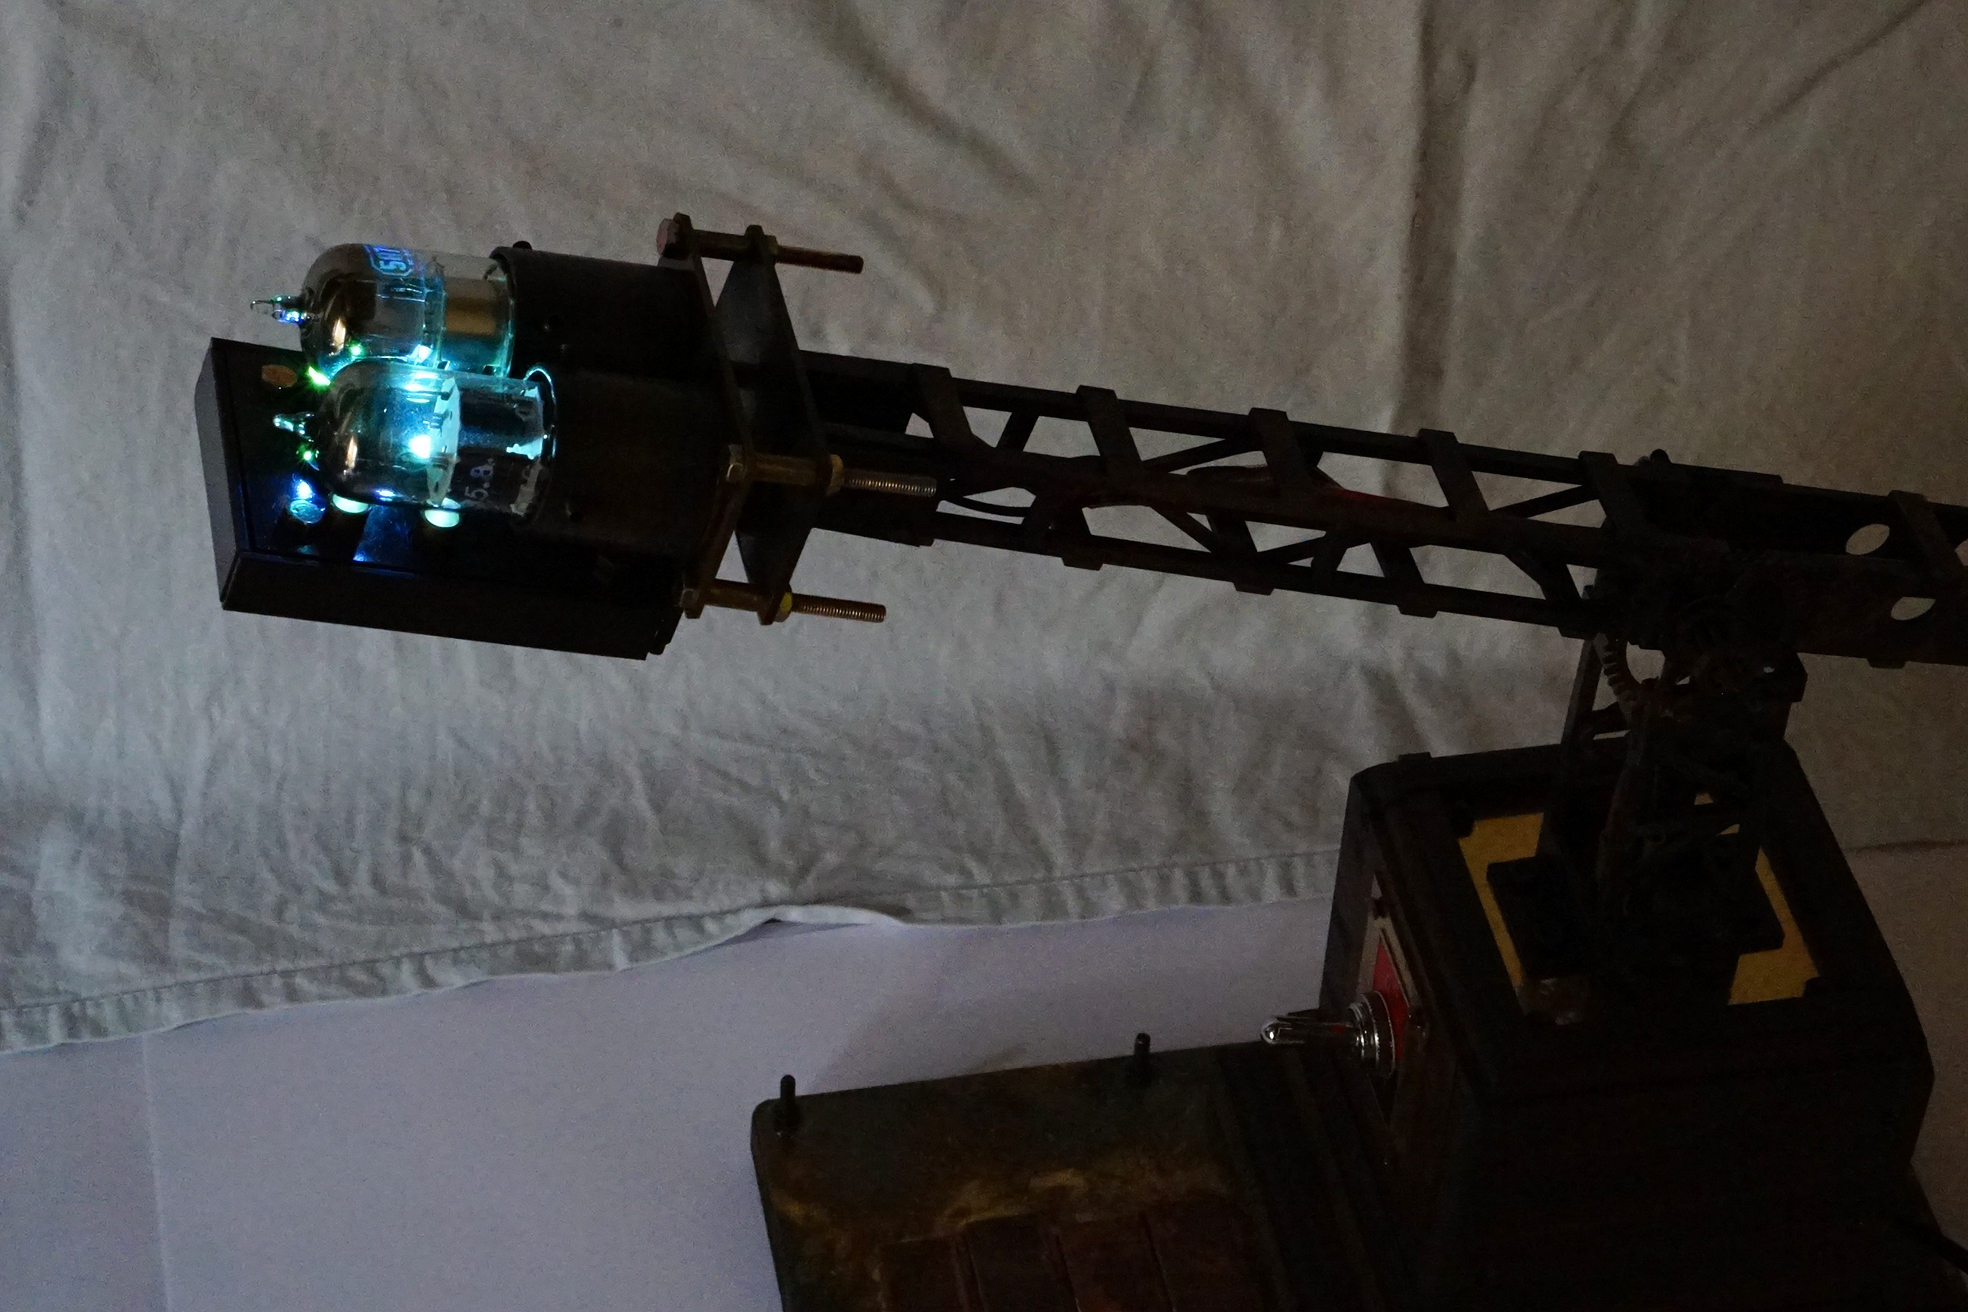 光源にはLEDを使用しています。